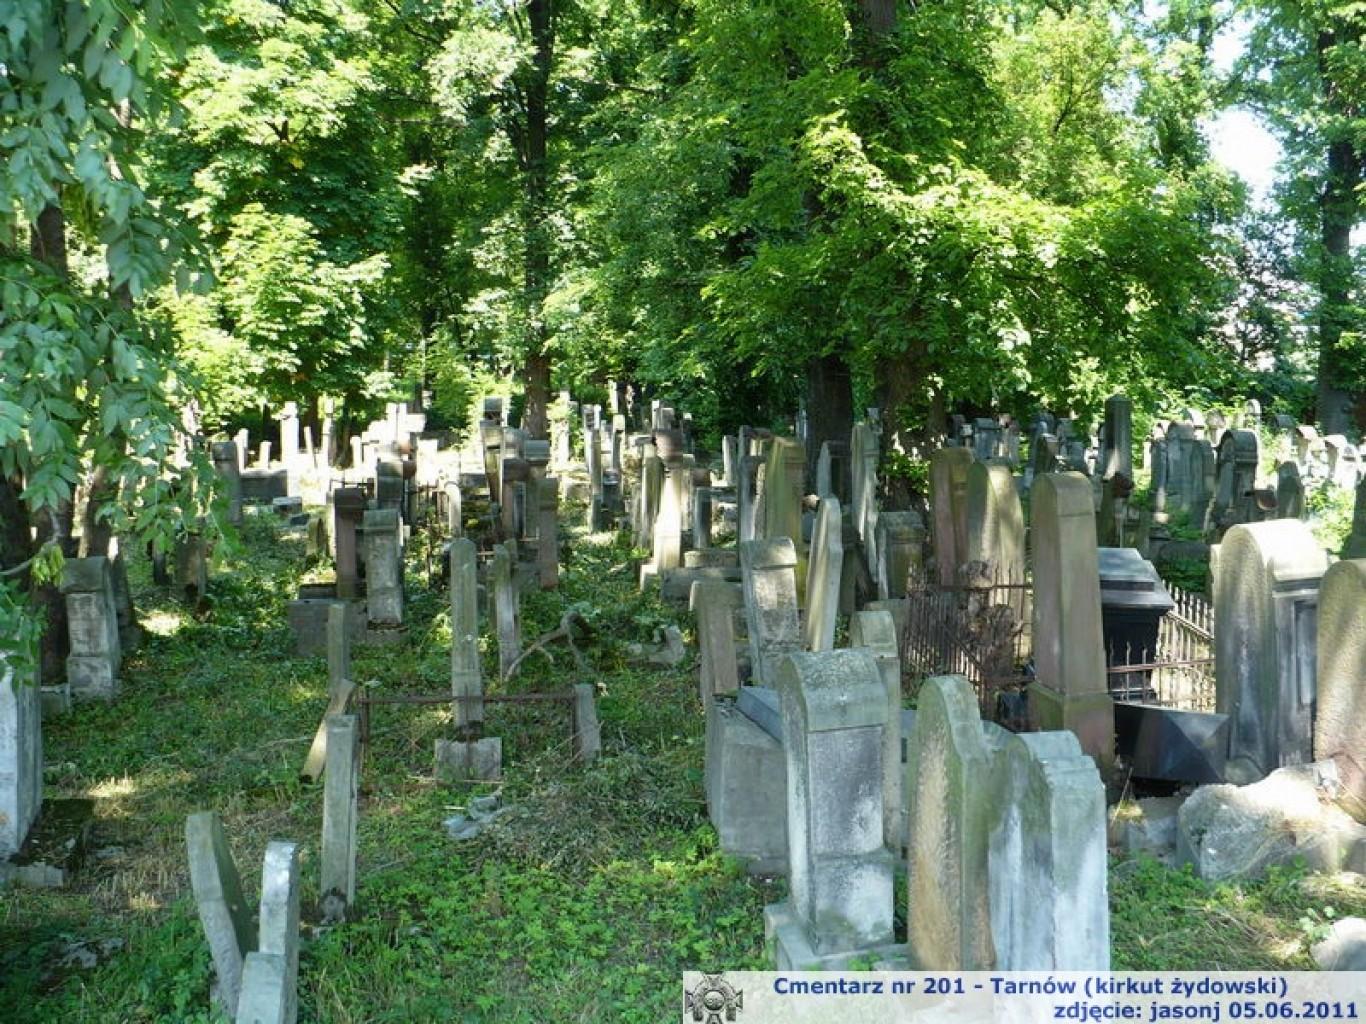 Cmentarz wojenny z I wojny nr 201 - Tarnów (kirkut żydowski)